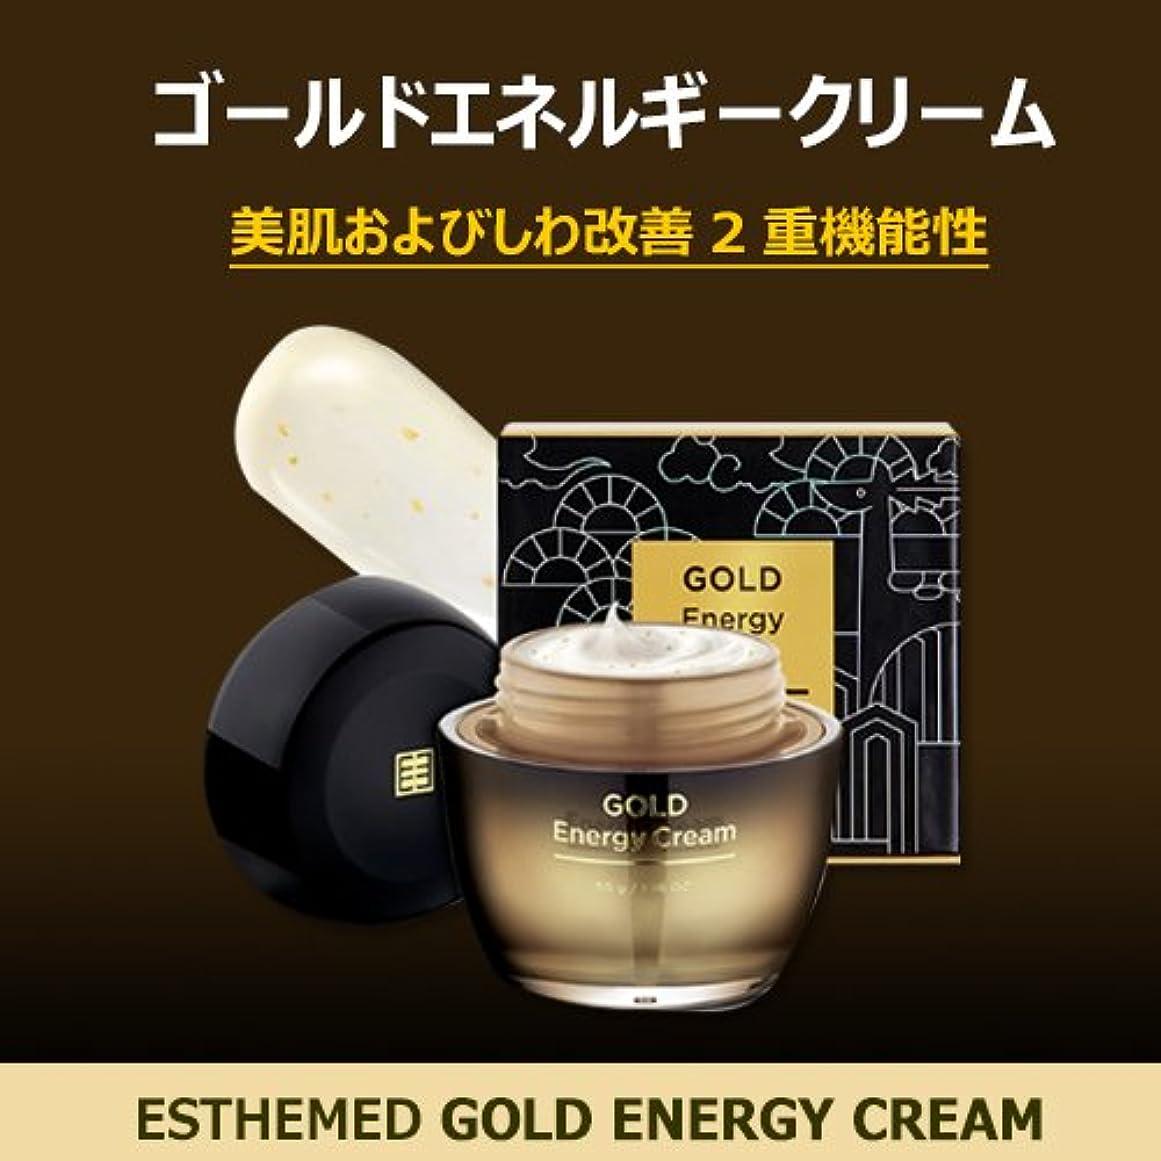 孤独著名な実験室ESTHEMED 【NEW!! エステメドゴールドエネルギークリーム】ESTHEMED GOLD Energy Cream 50g